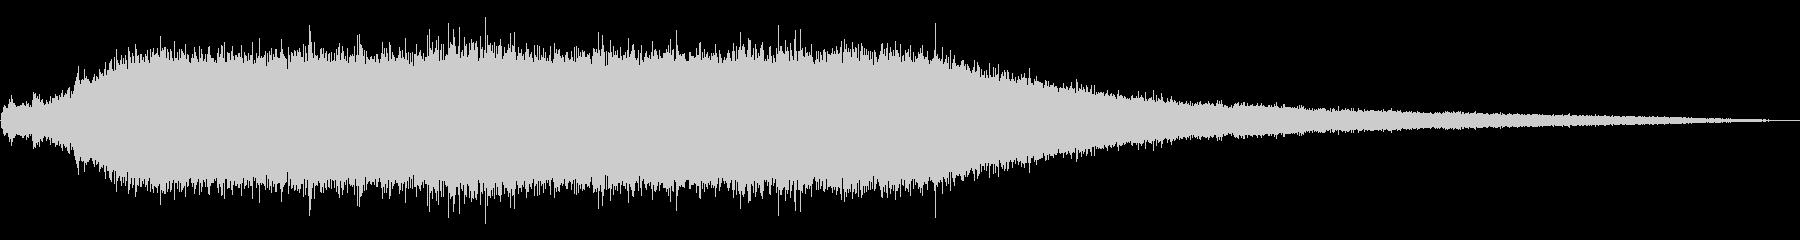 タービンエアバキューム:スタート、...の未再生の波形